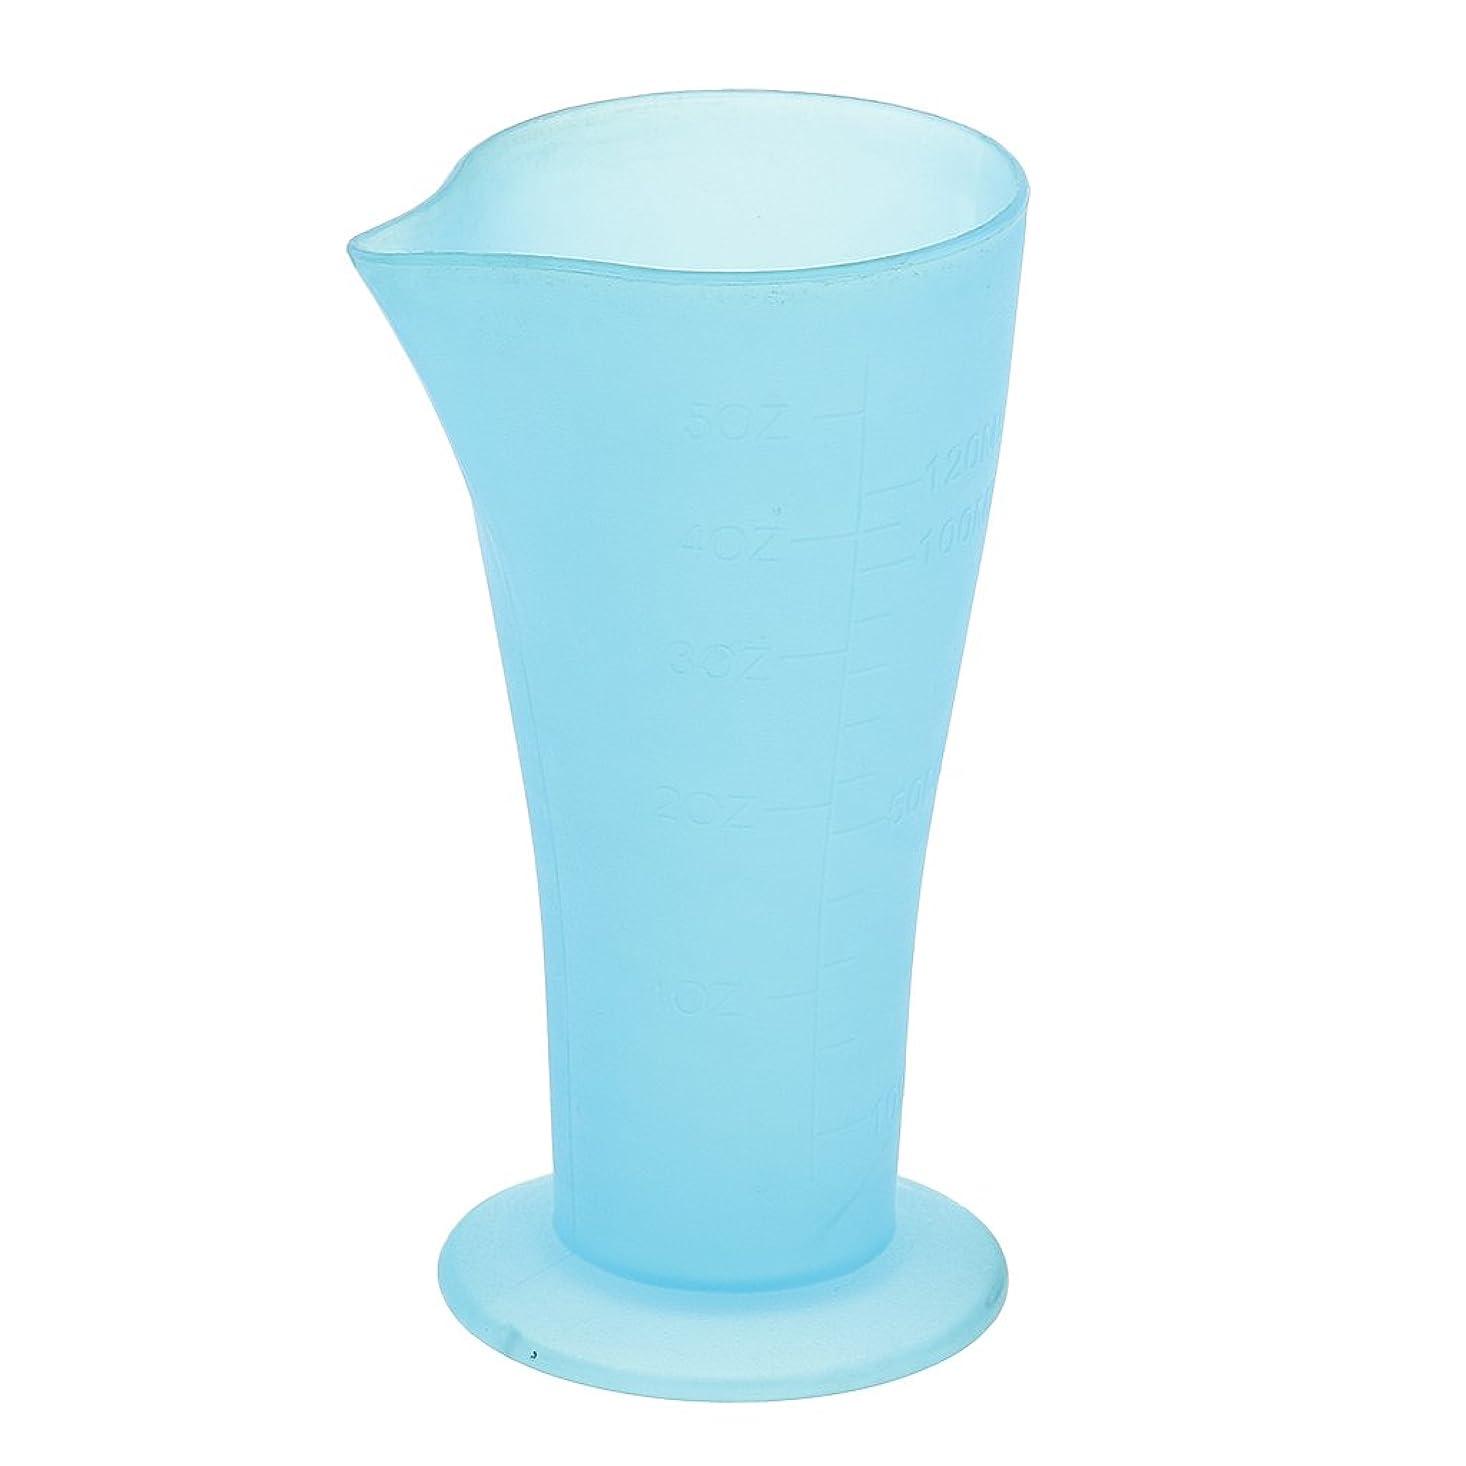 災難に終了するBaosity 計量カップ ヘアダイカップ プラスチック サロン 髪の色合い 色の混合用 読みやすい測定 再使用可能